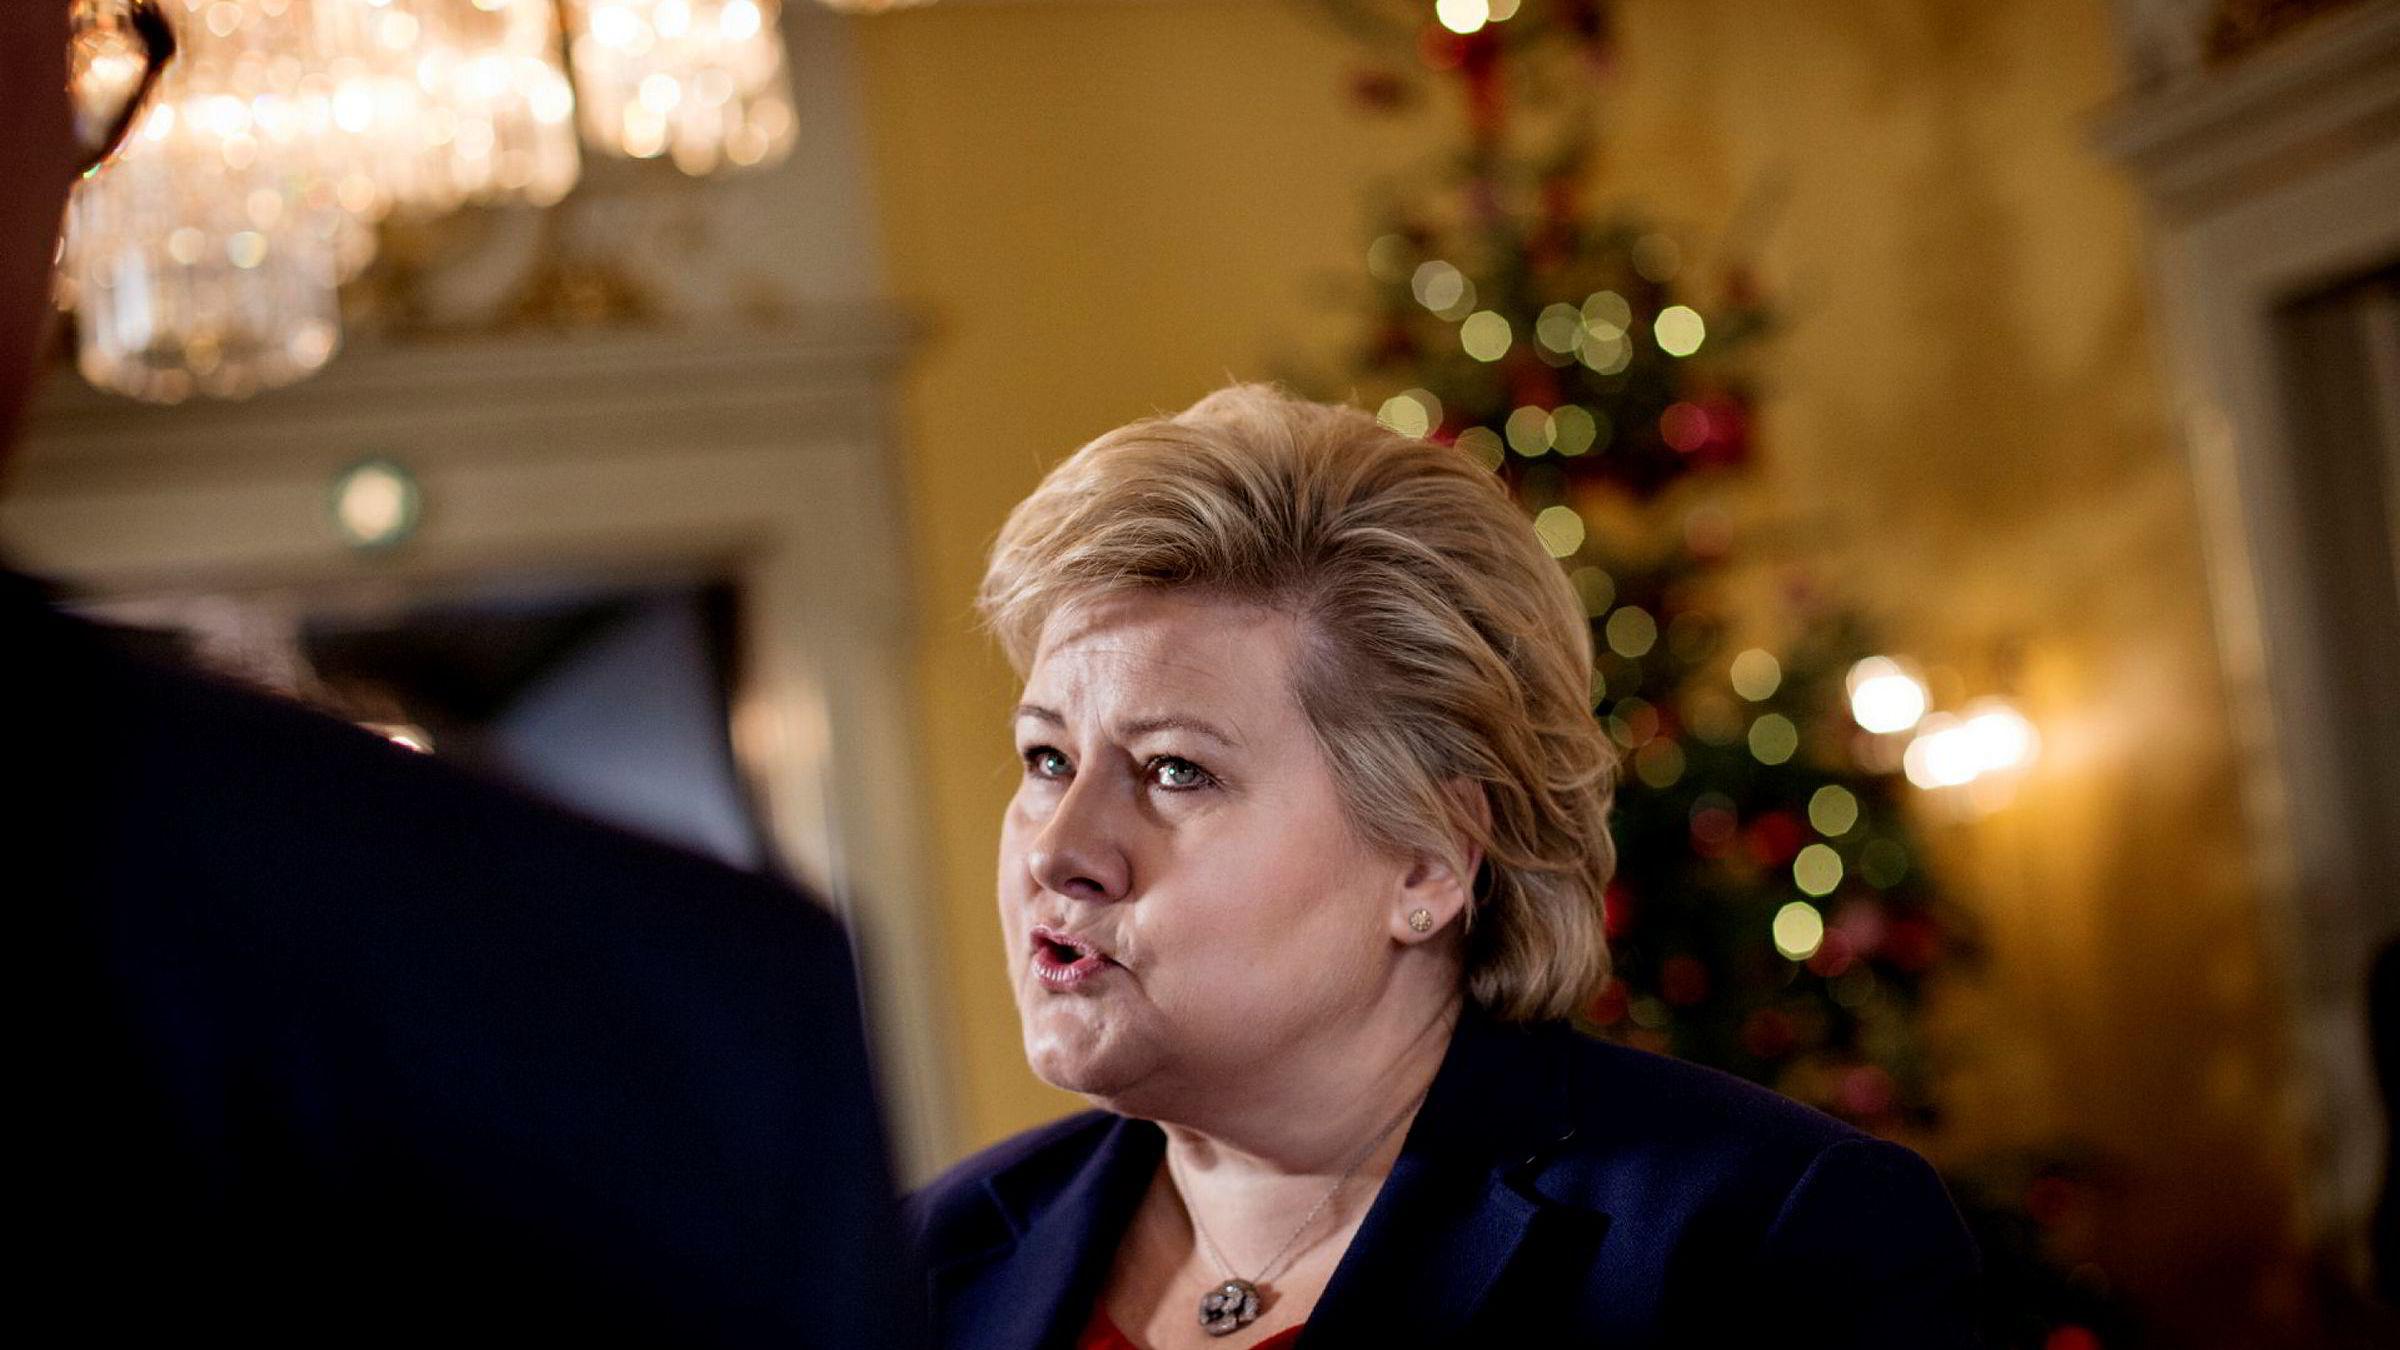 Statsminister Erna Solberg er klar til å forhandle om bilaterale avtaler med Kina etter at de diplomatiske forholdene nå er normalisert.